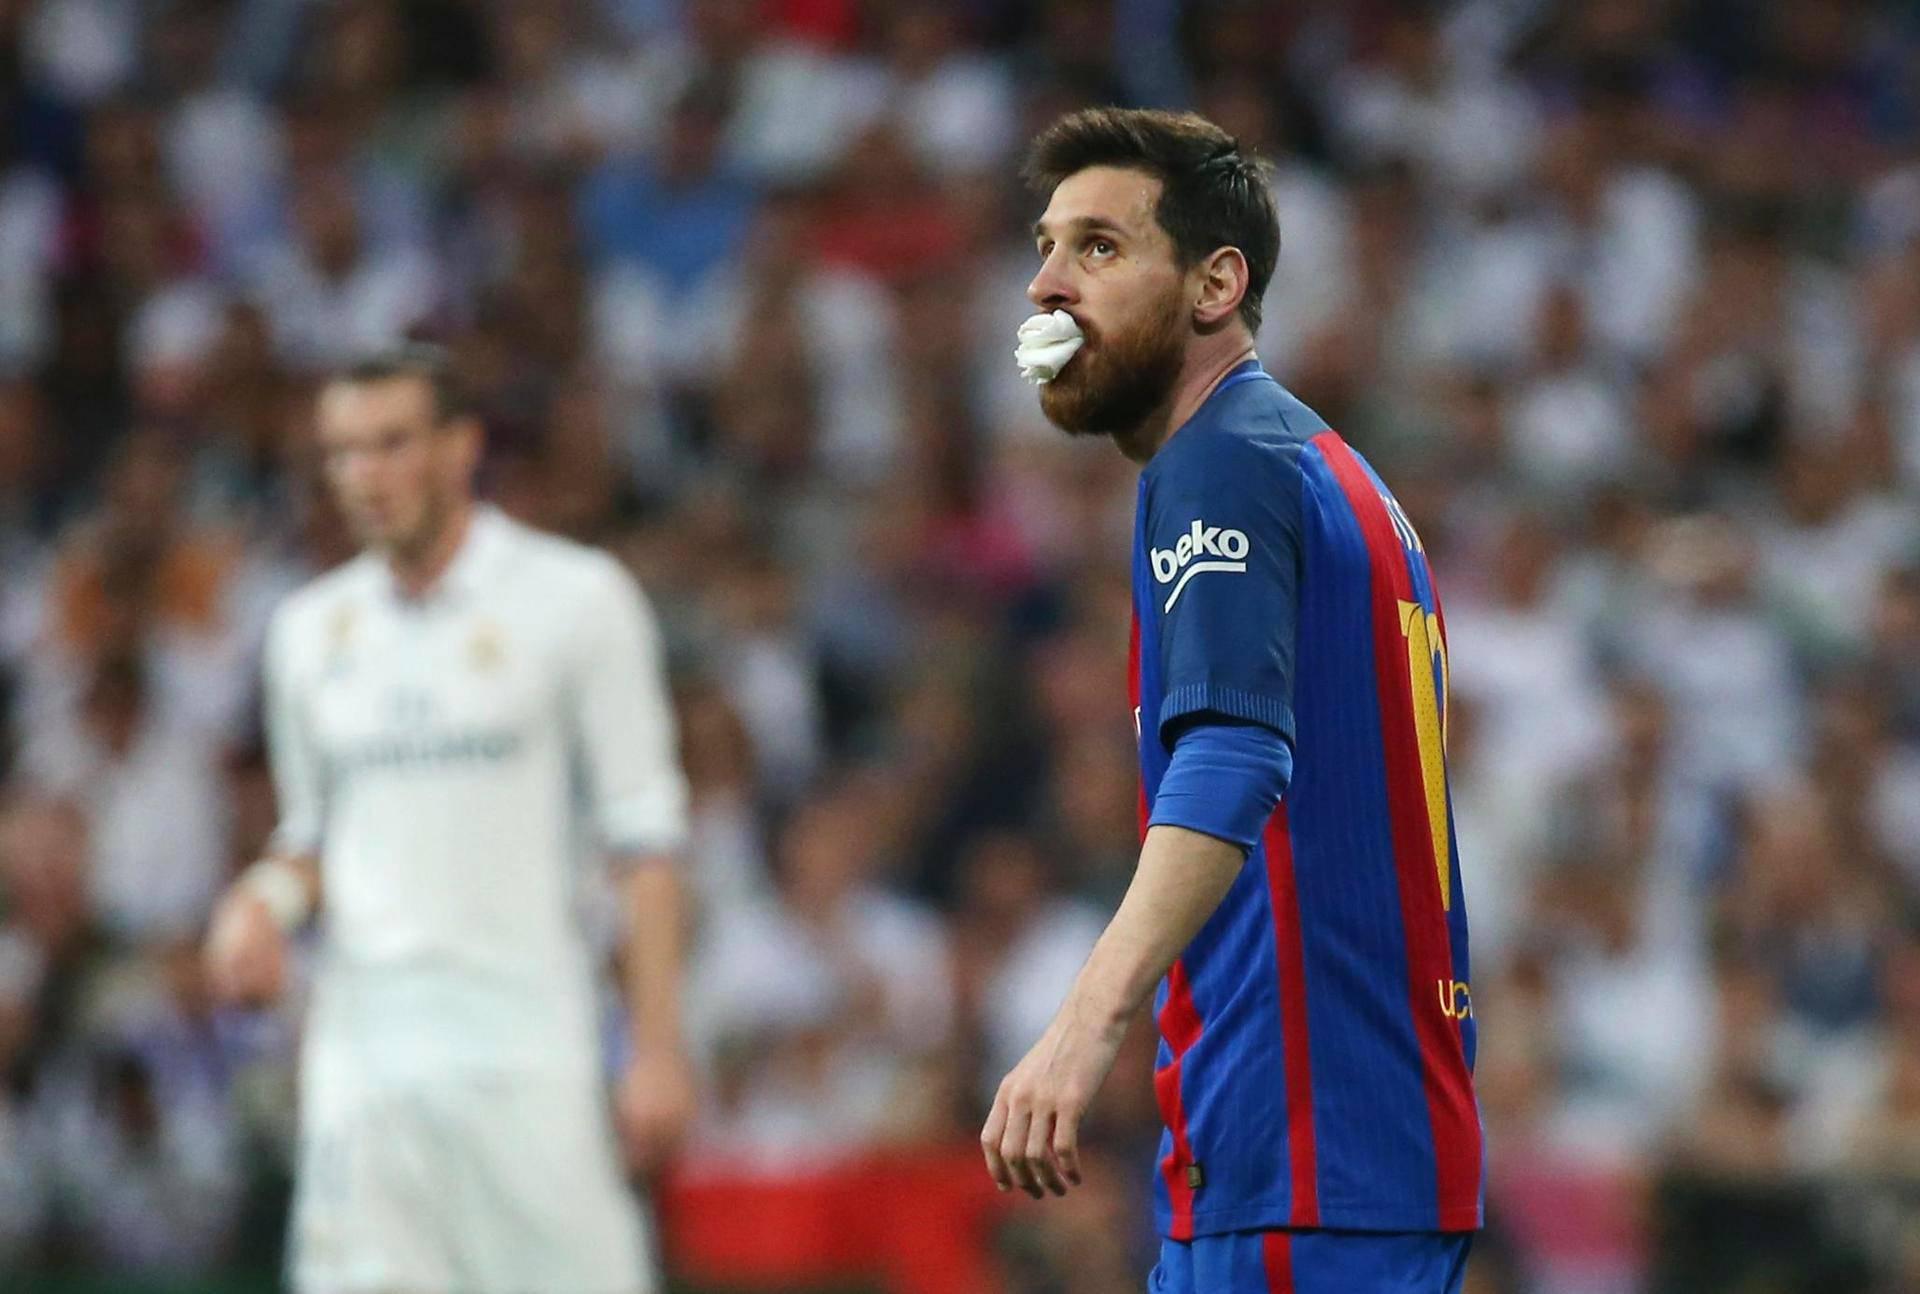 Barcelonan pelaaja Lionel Messi pelasi osan ottelua paperitupon kanssa. Brasilialaispuolustaja Marcelon kyynärpää osui häntä suuhun.